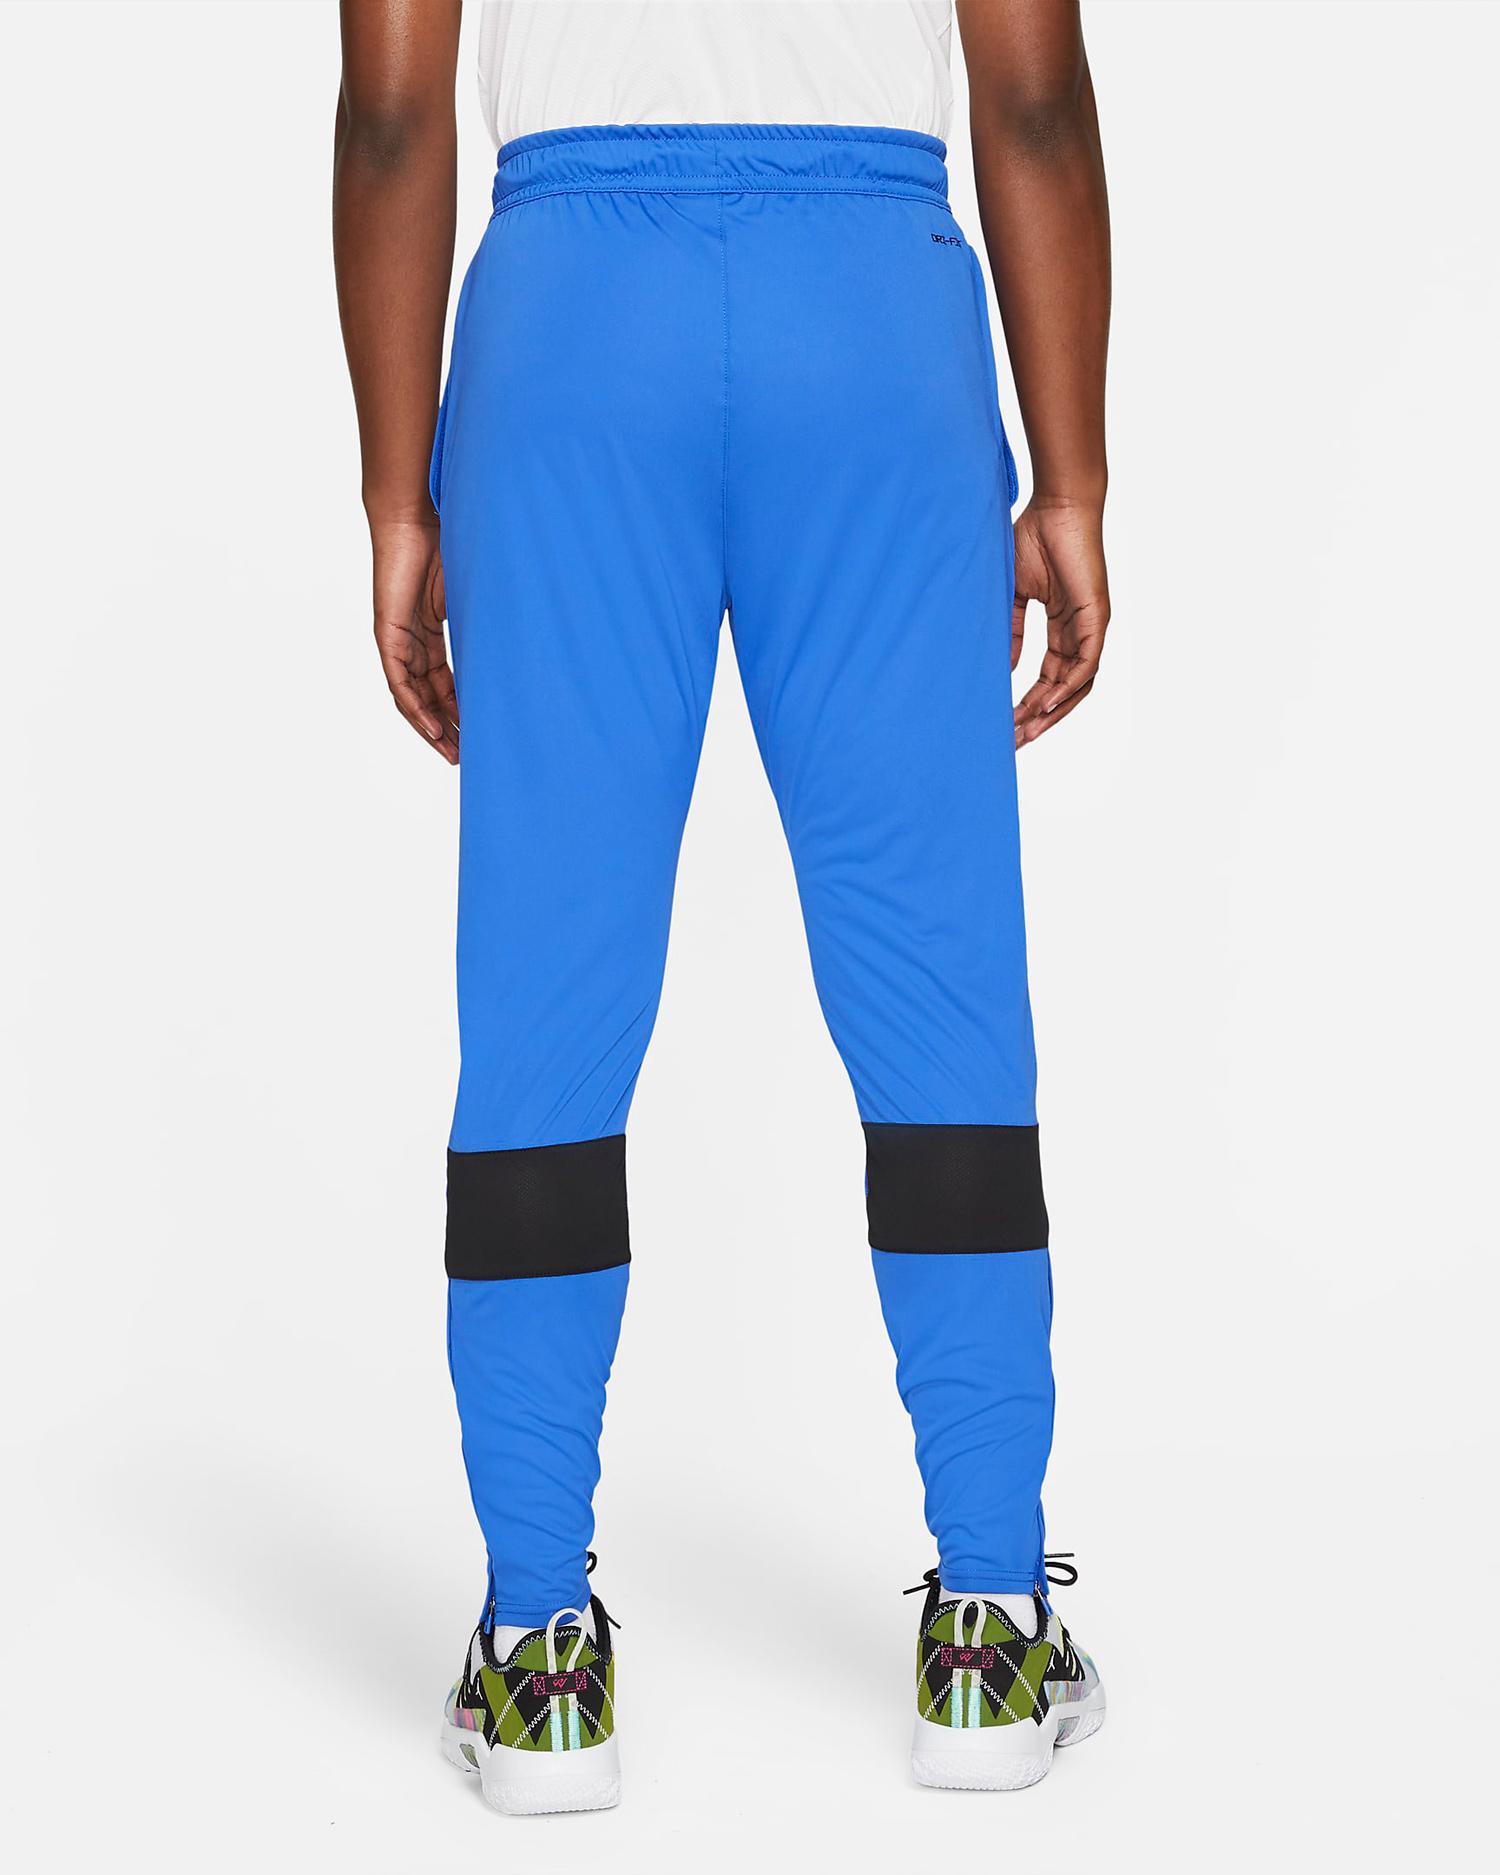 jordan-dri-fit-air-hyper-royal-pants-2